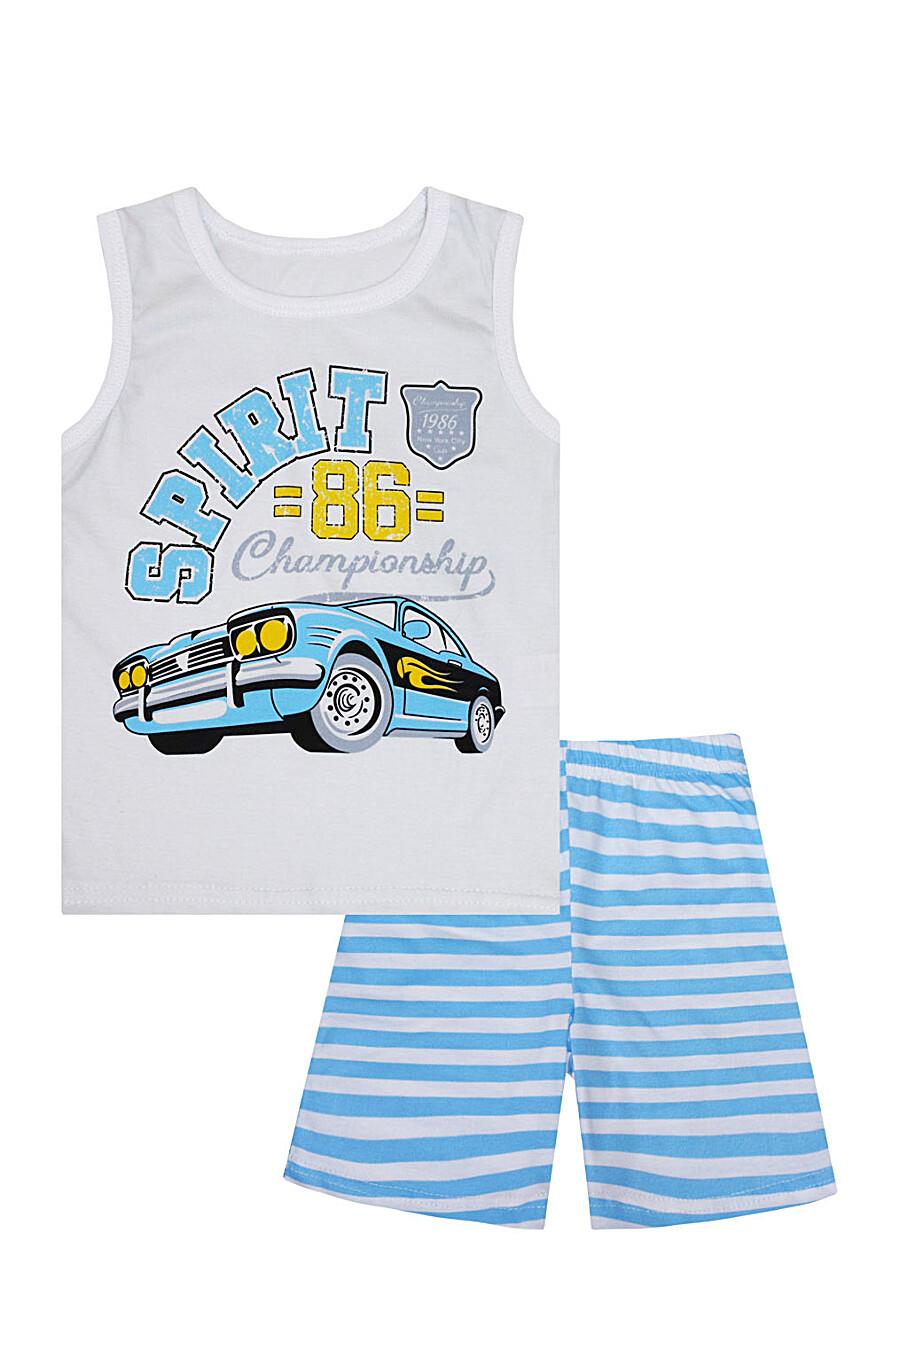 Пижама (Майка+Шорты) для мальчиков КОТМАРКОТ 184652 купить оптом от производителя. Совместная покупка детской одежды в OptMoyo